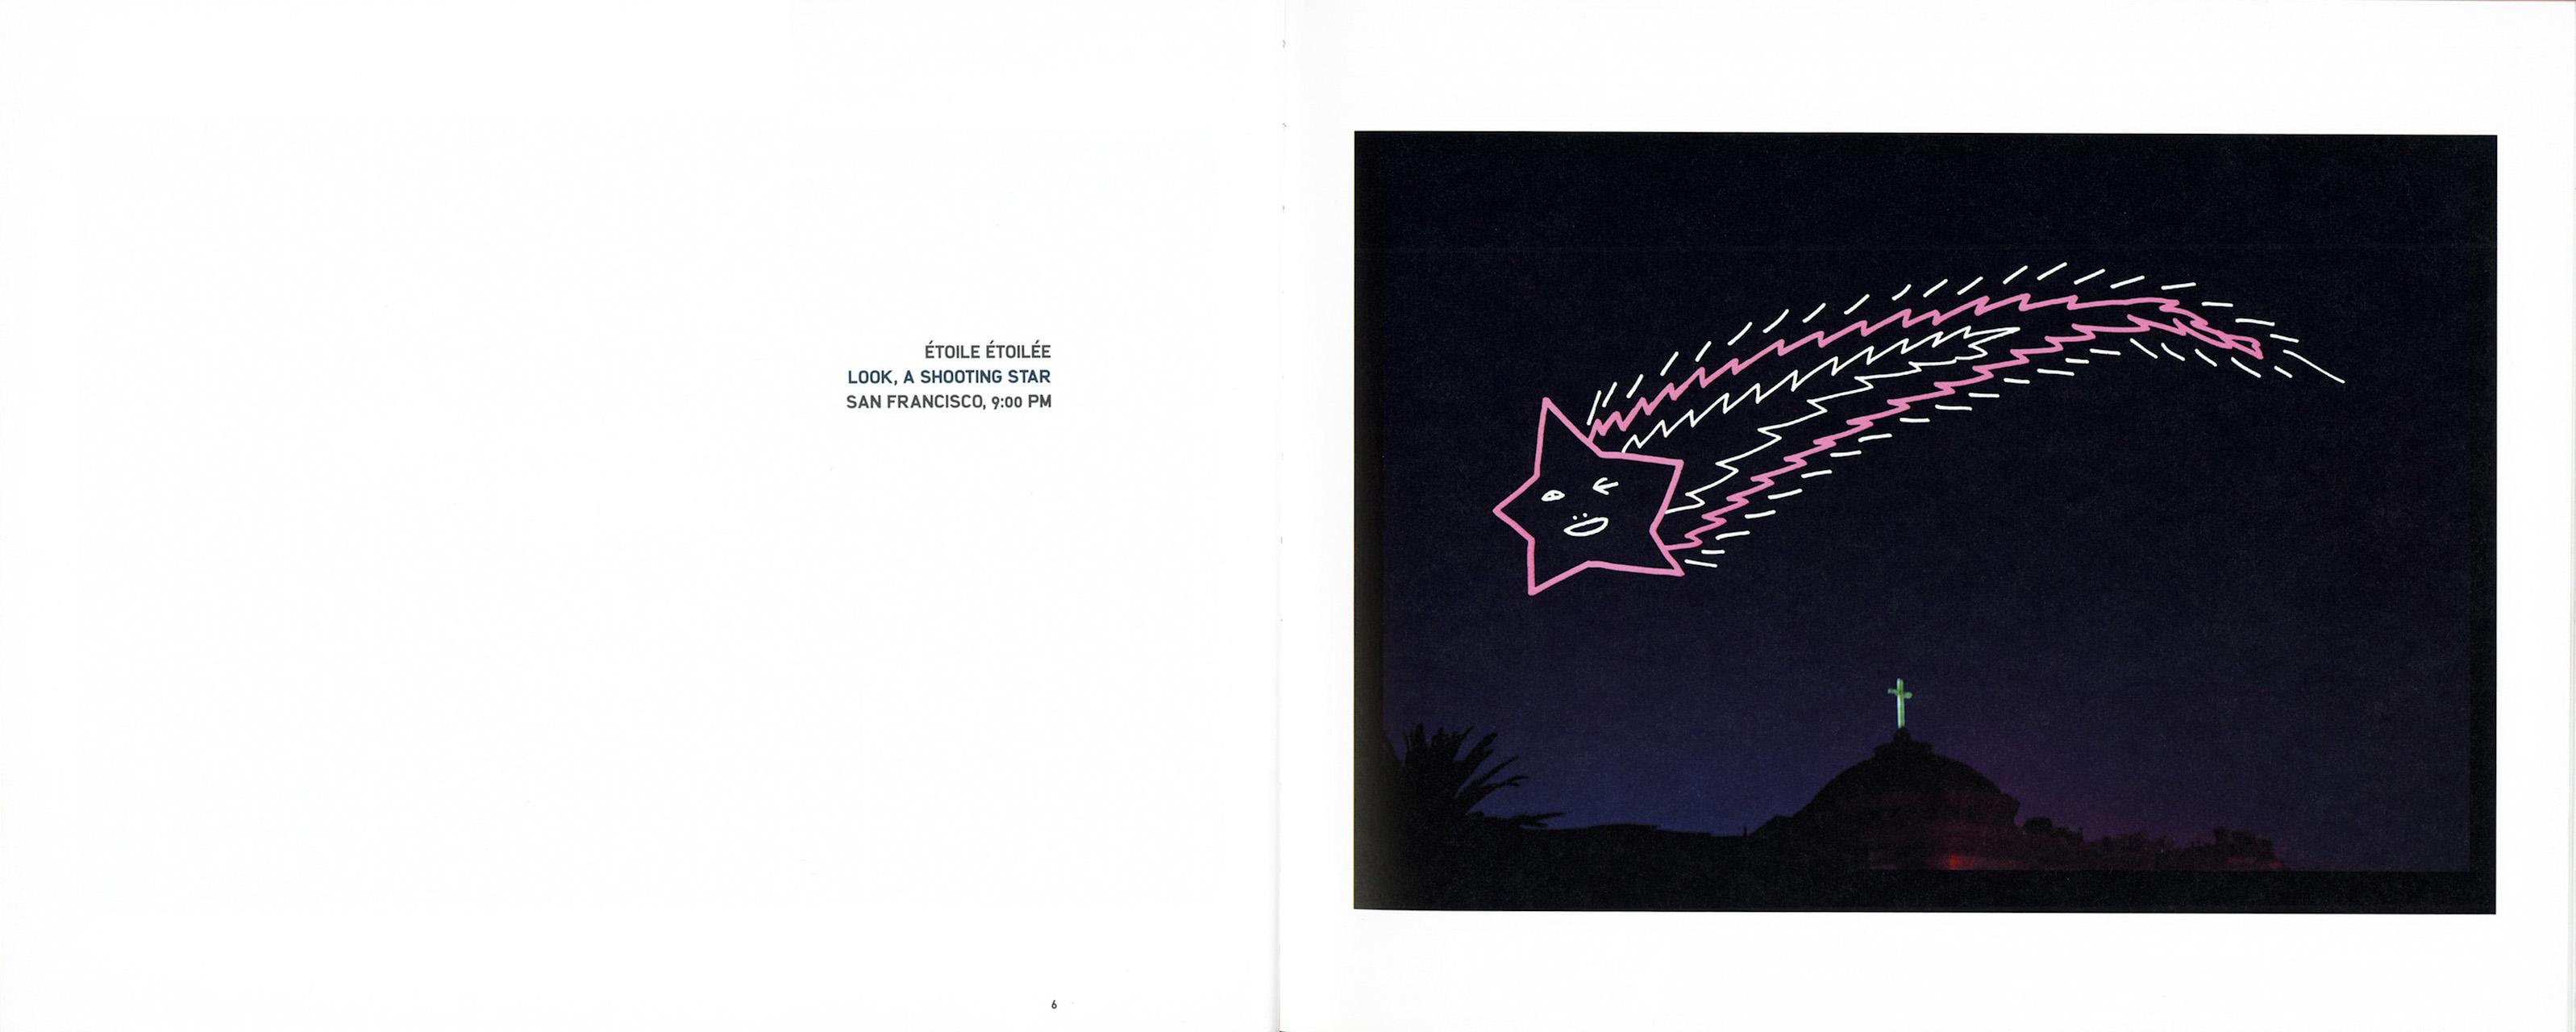 Oiseaux de nuit, livre de Patrick Guedj et Kid Acne